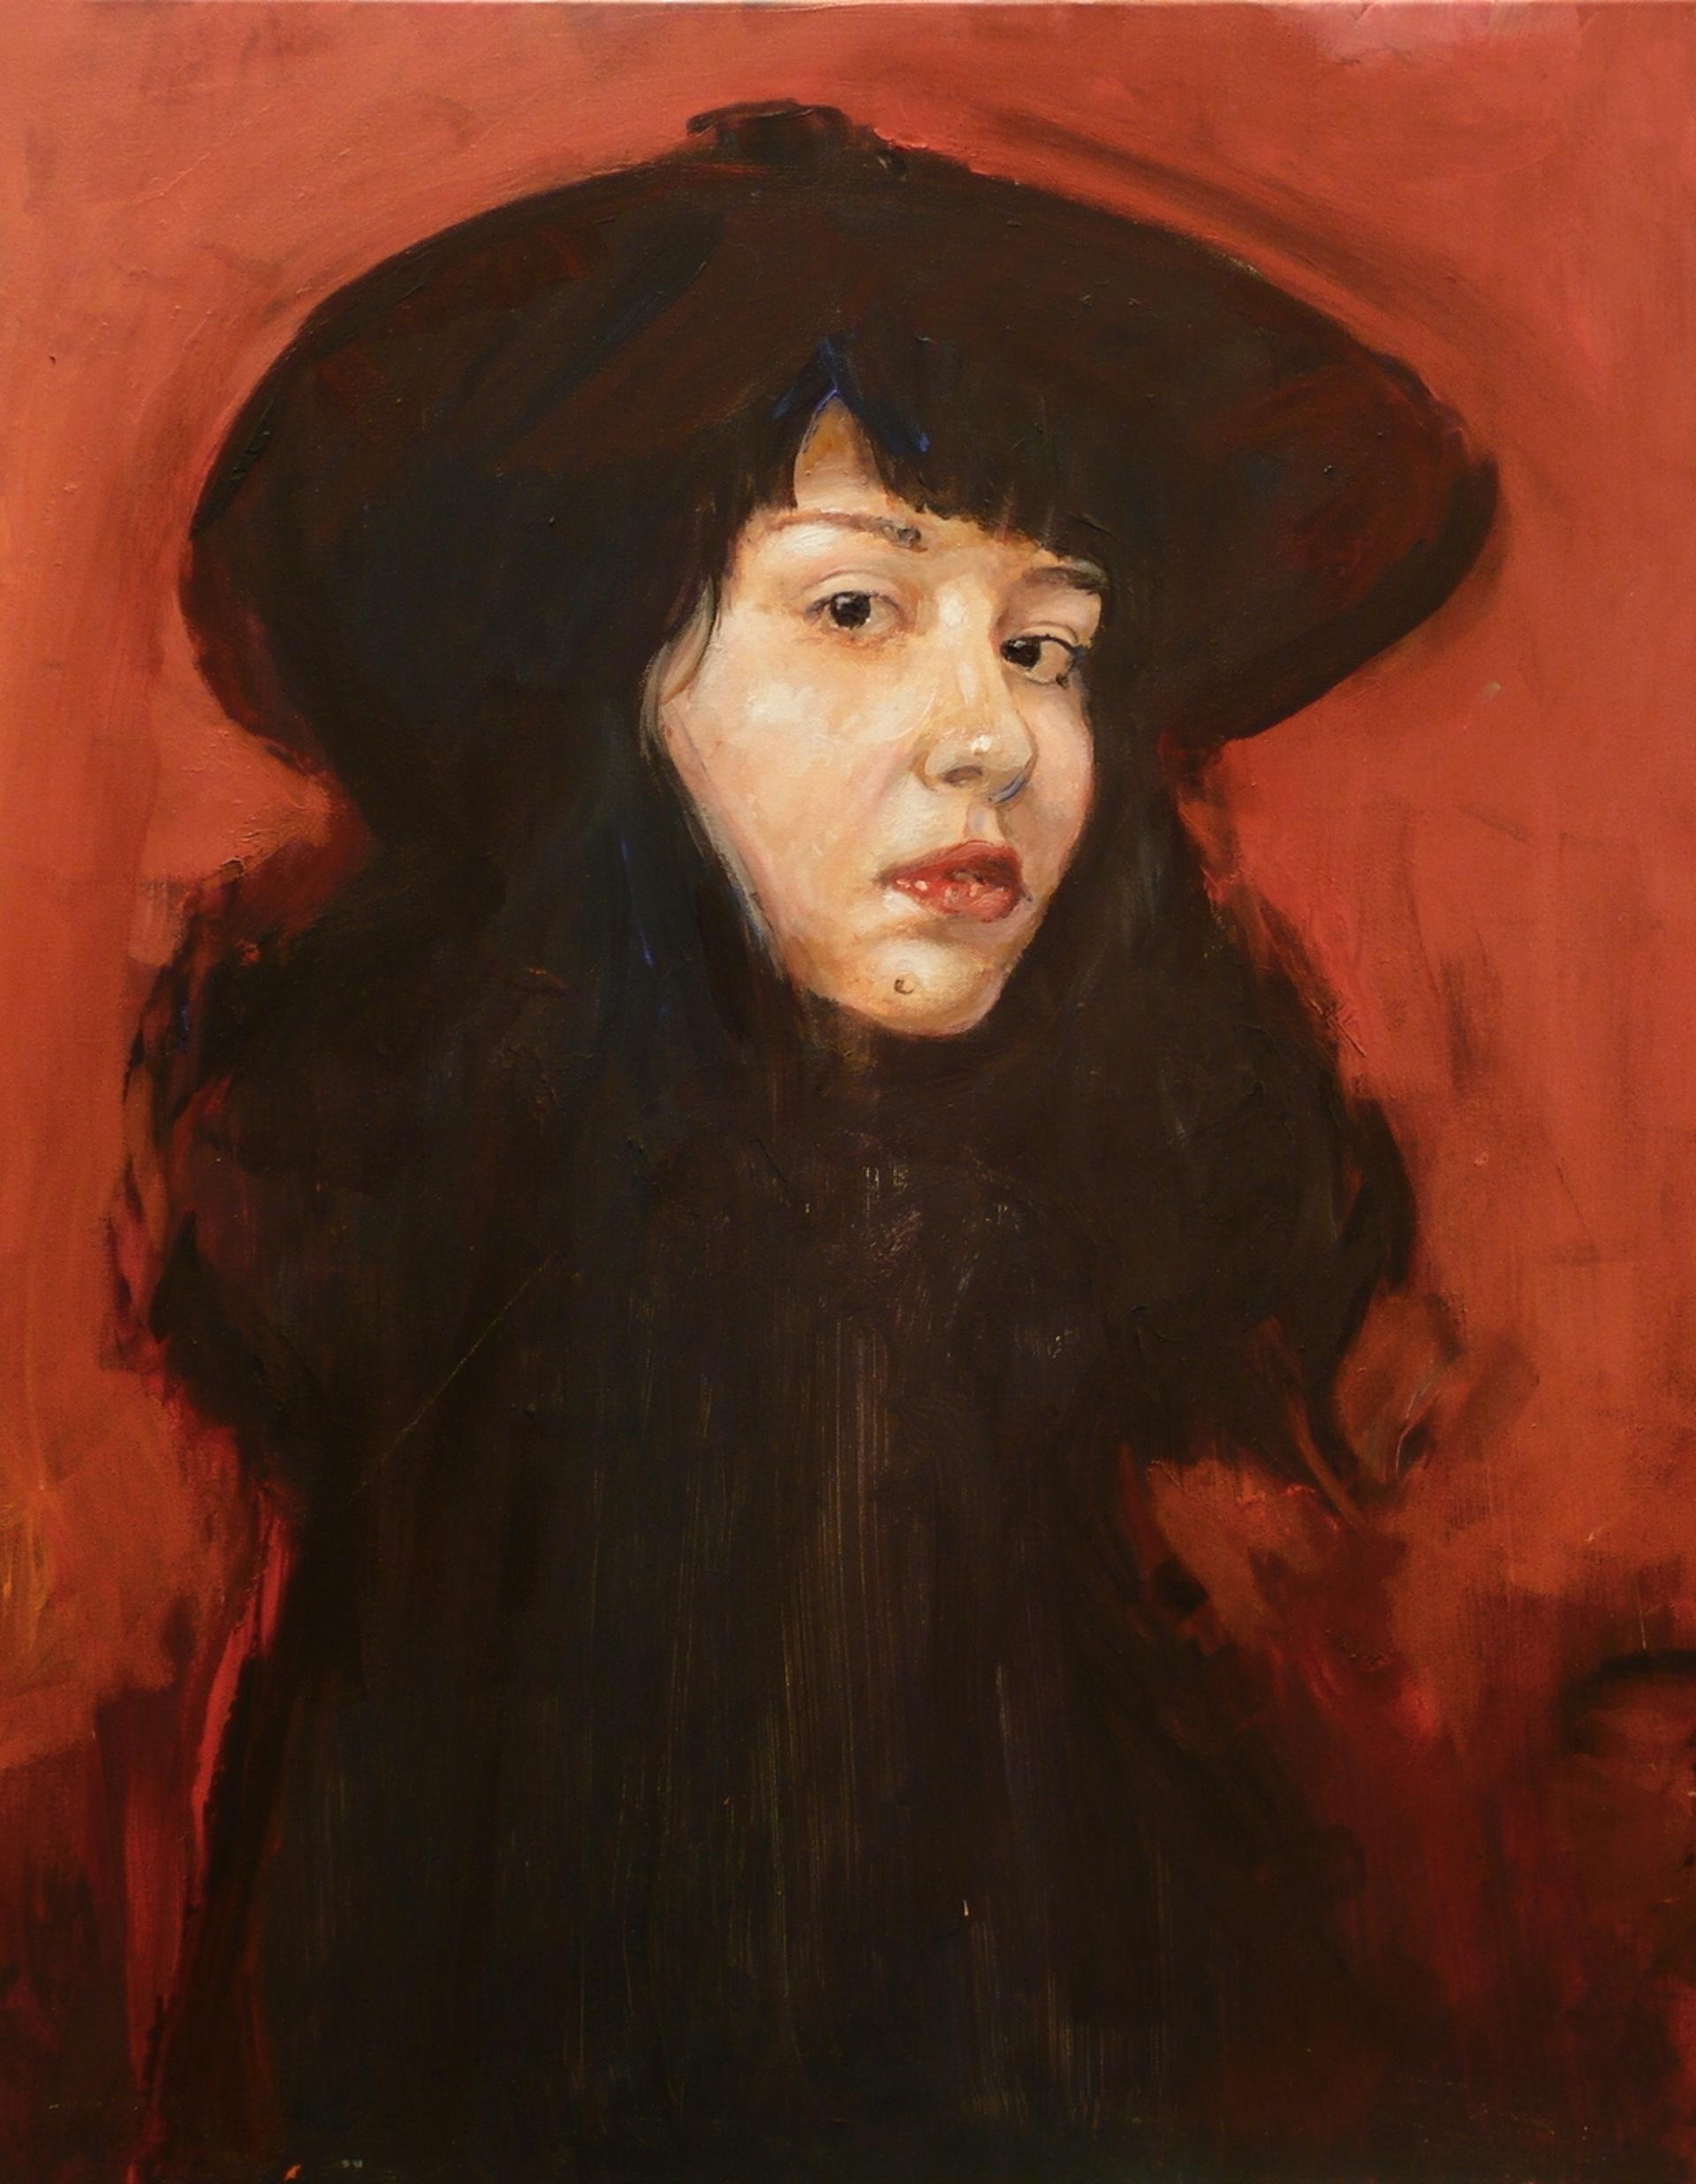 Black Hat #1 by Tobin G Karicher